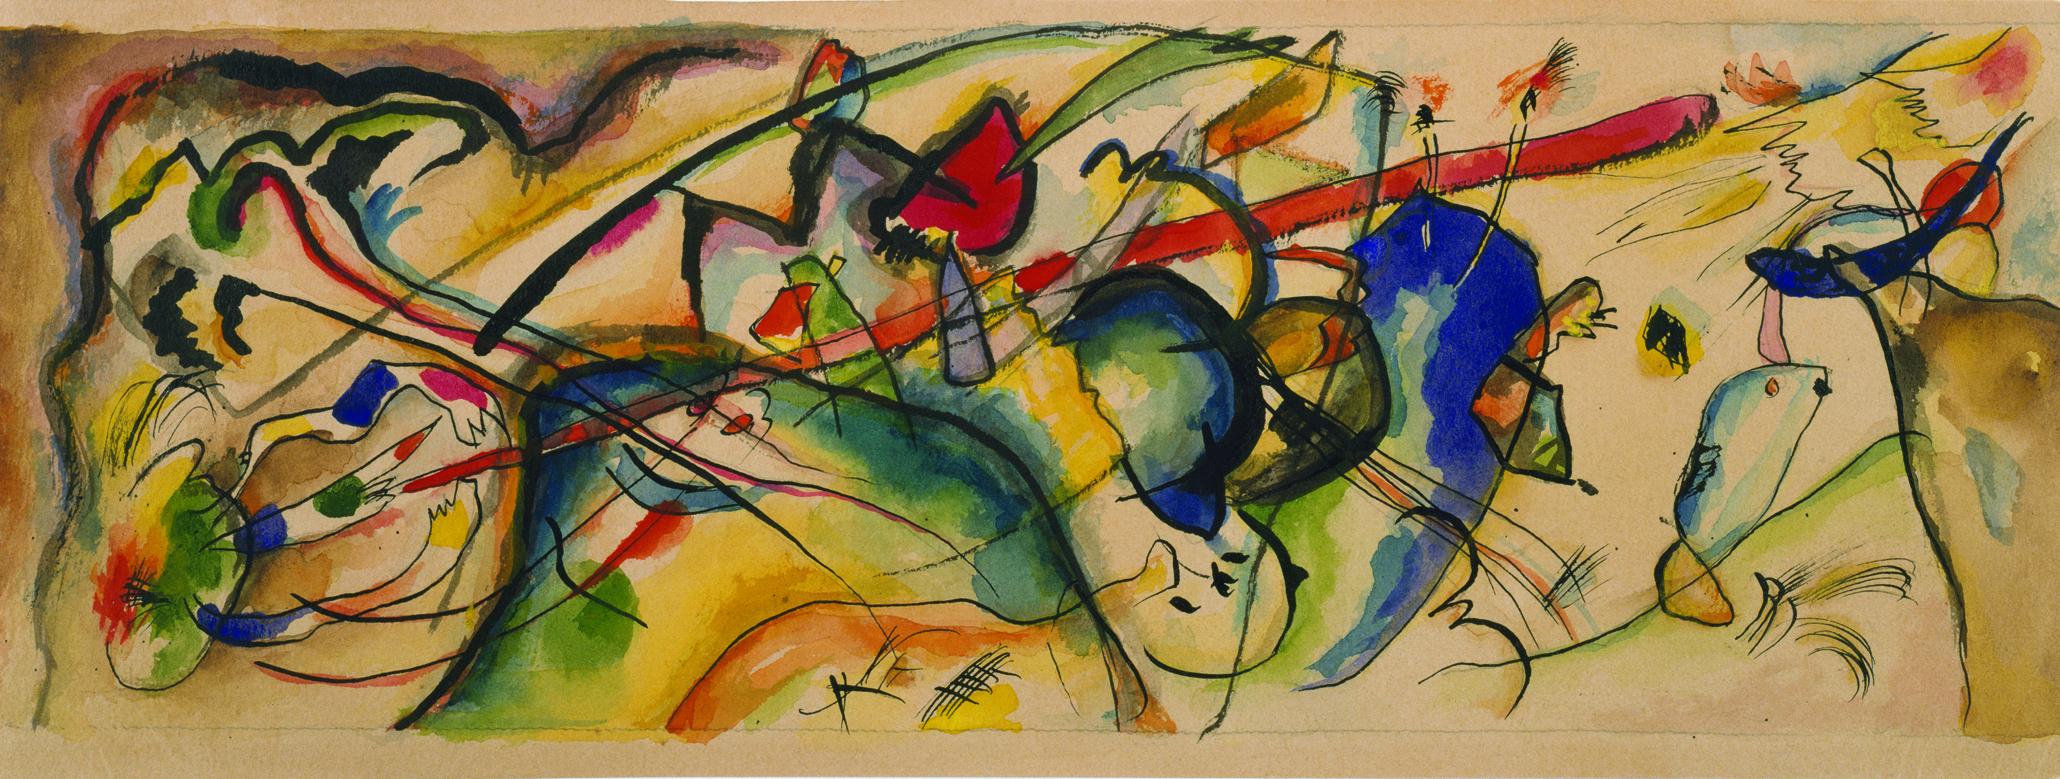 kandinsky paintings guggenheim - HD2060×779